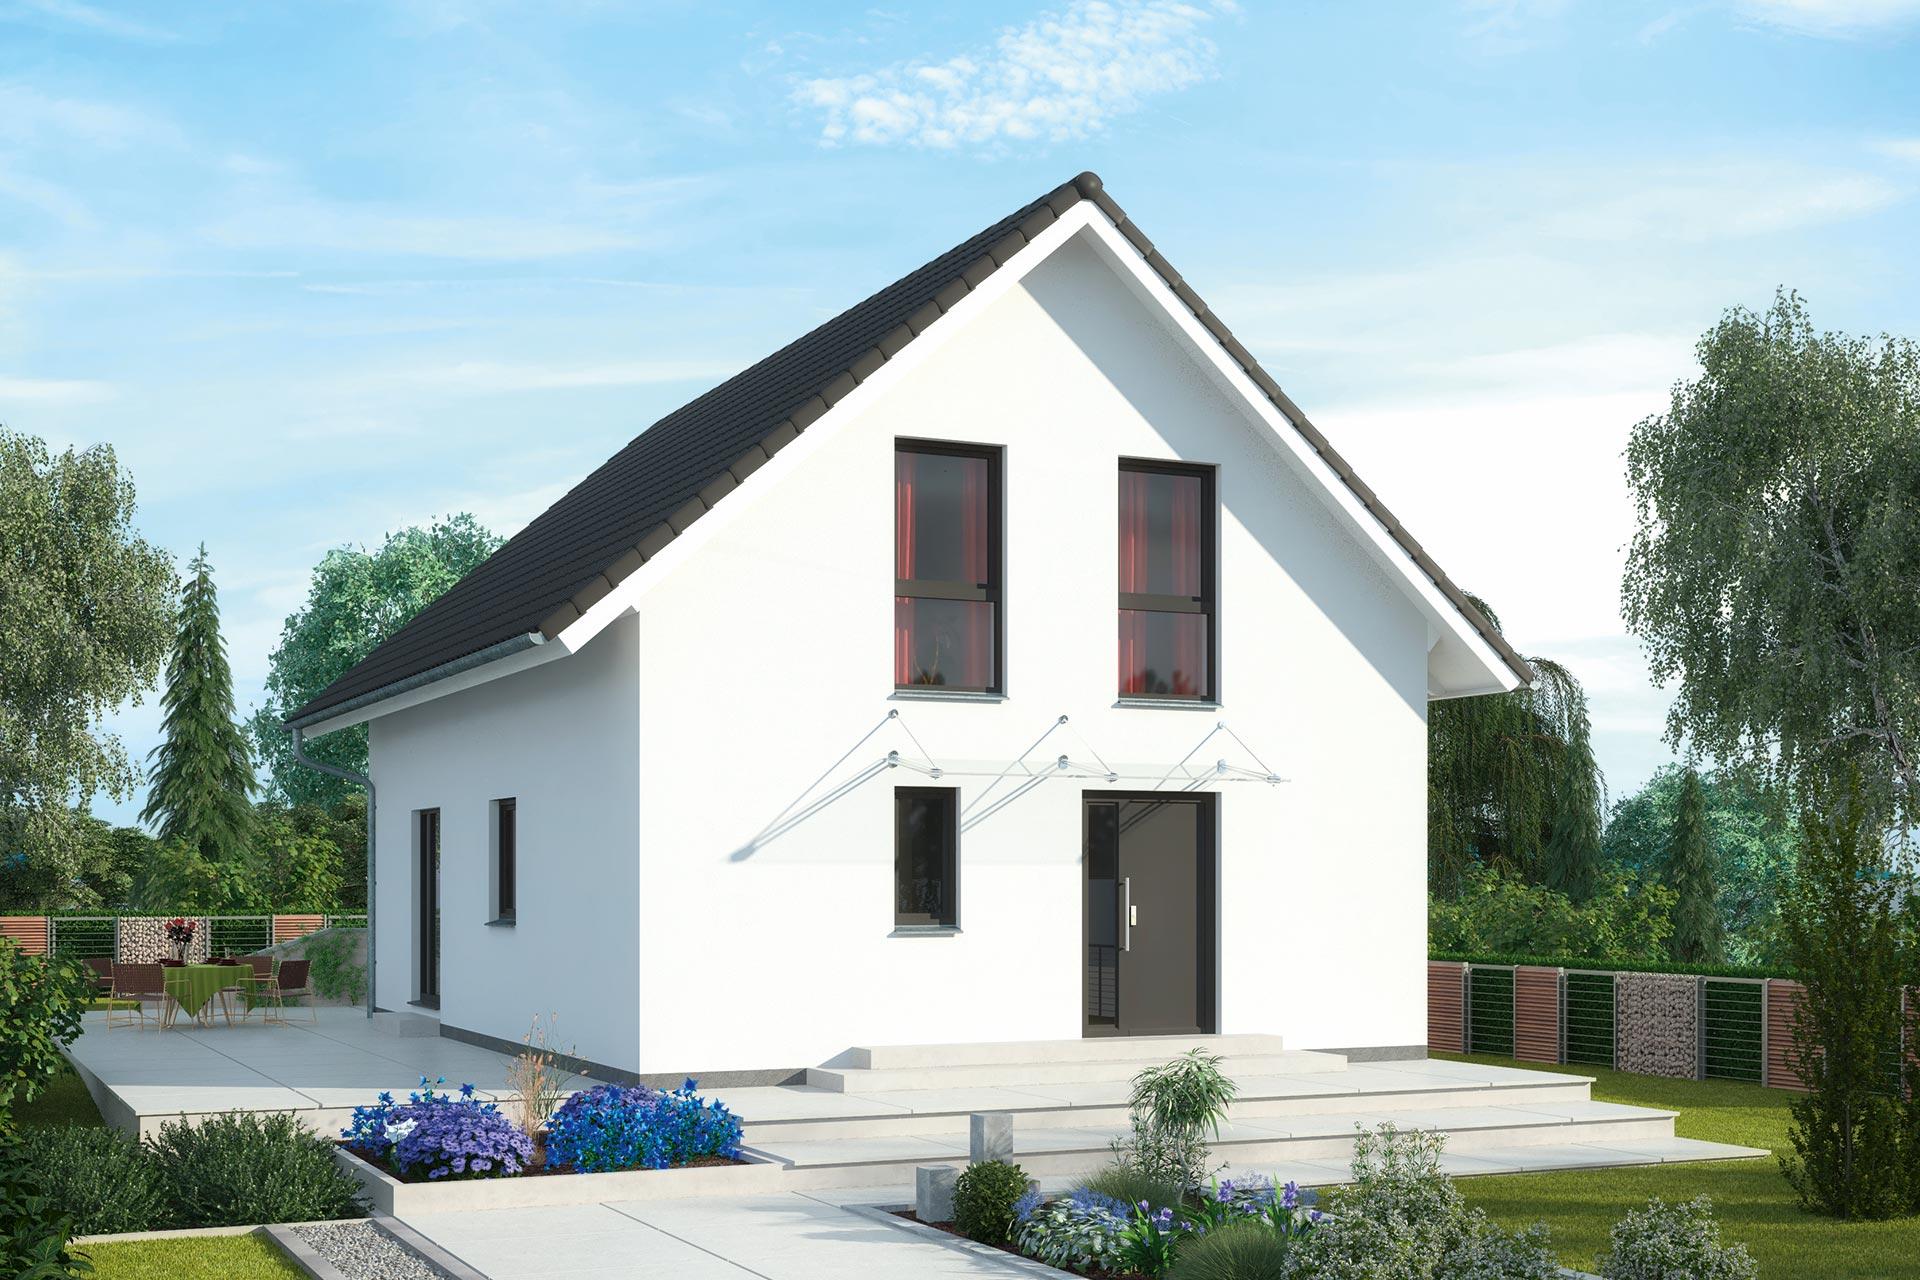 Einfamilienhaus günstig bauen - Akazienallee - idealer Grundriss für ...